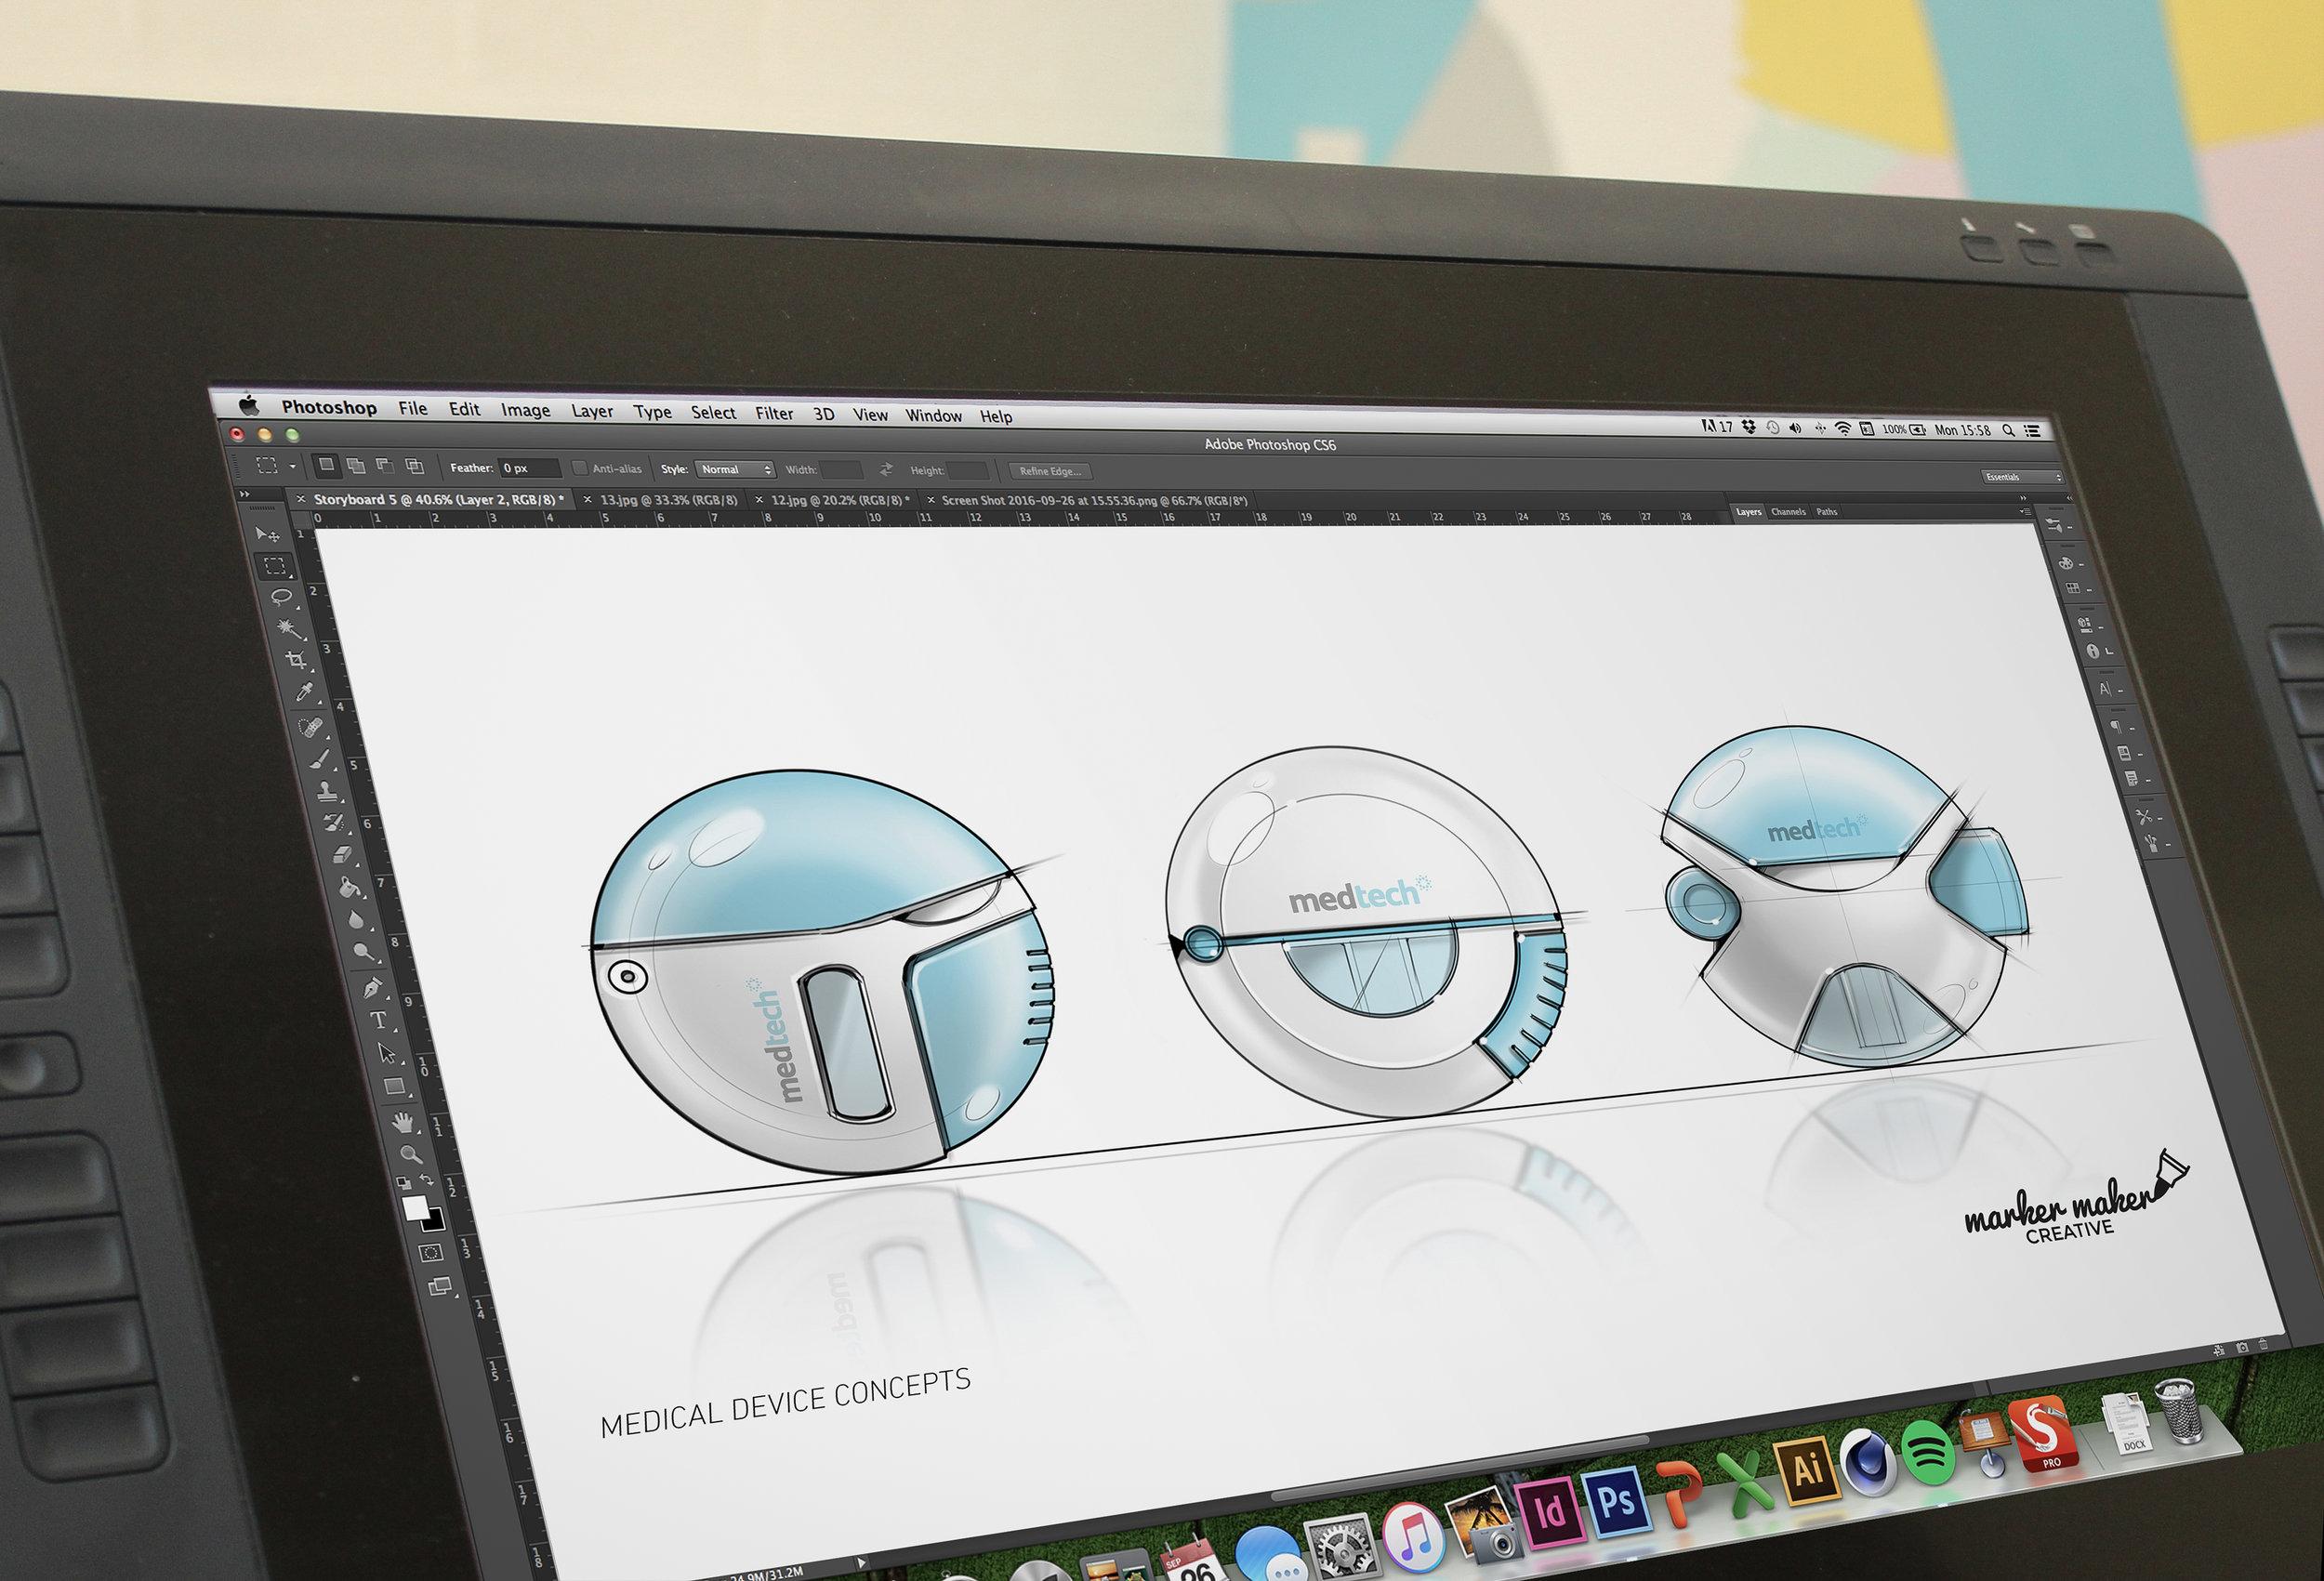 Wacom Tablet - digital concept visual